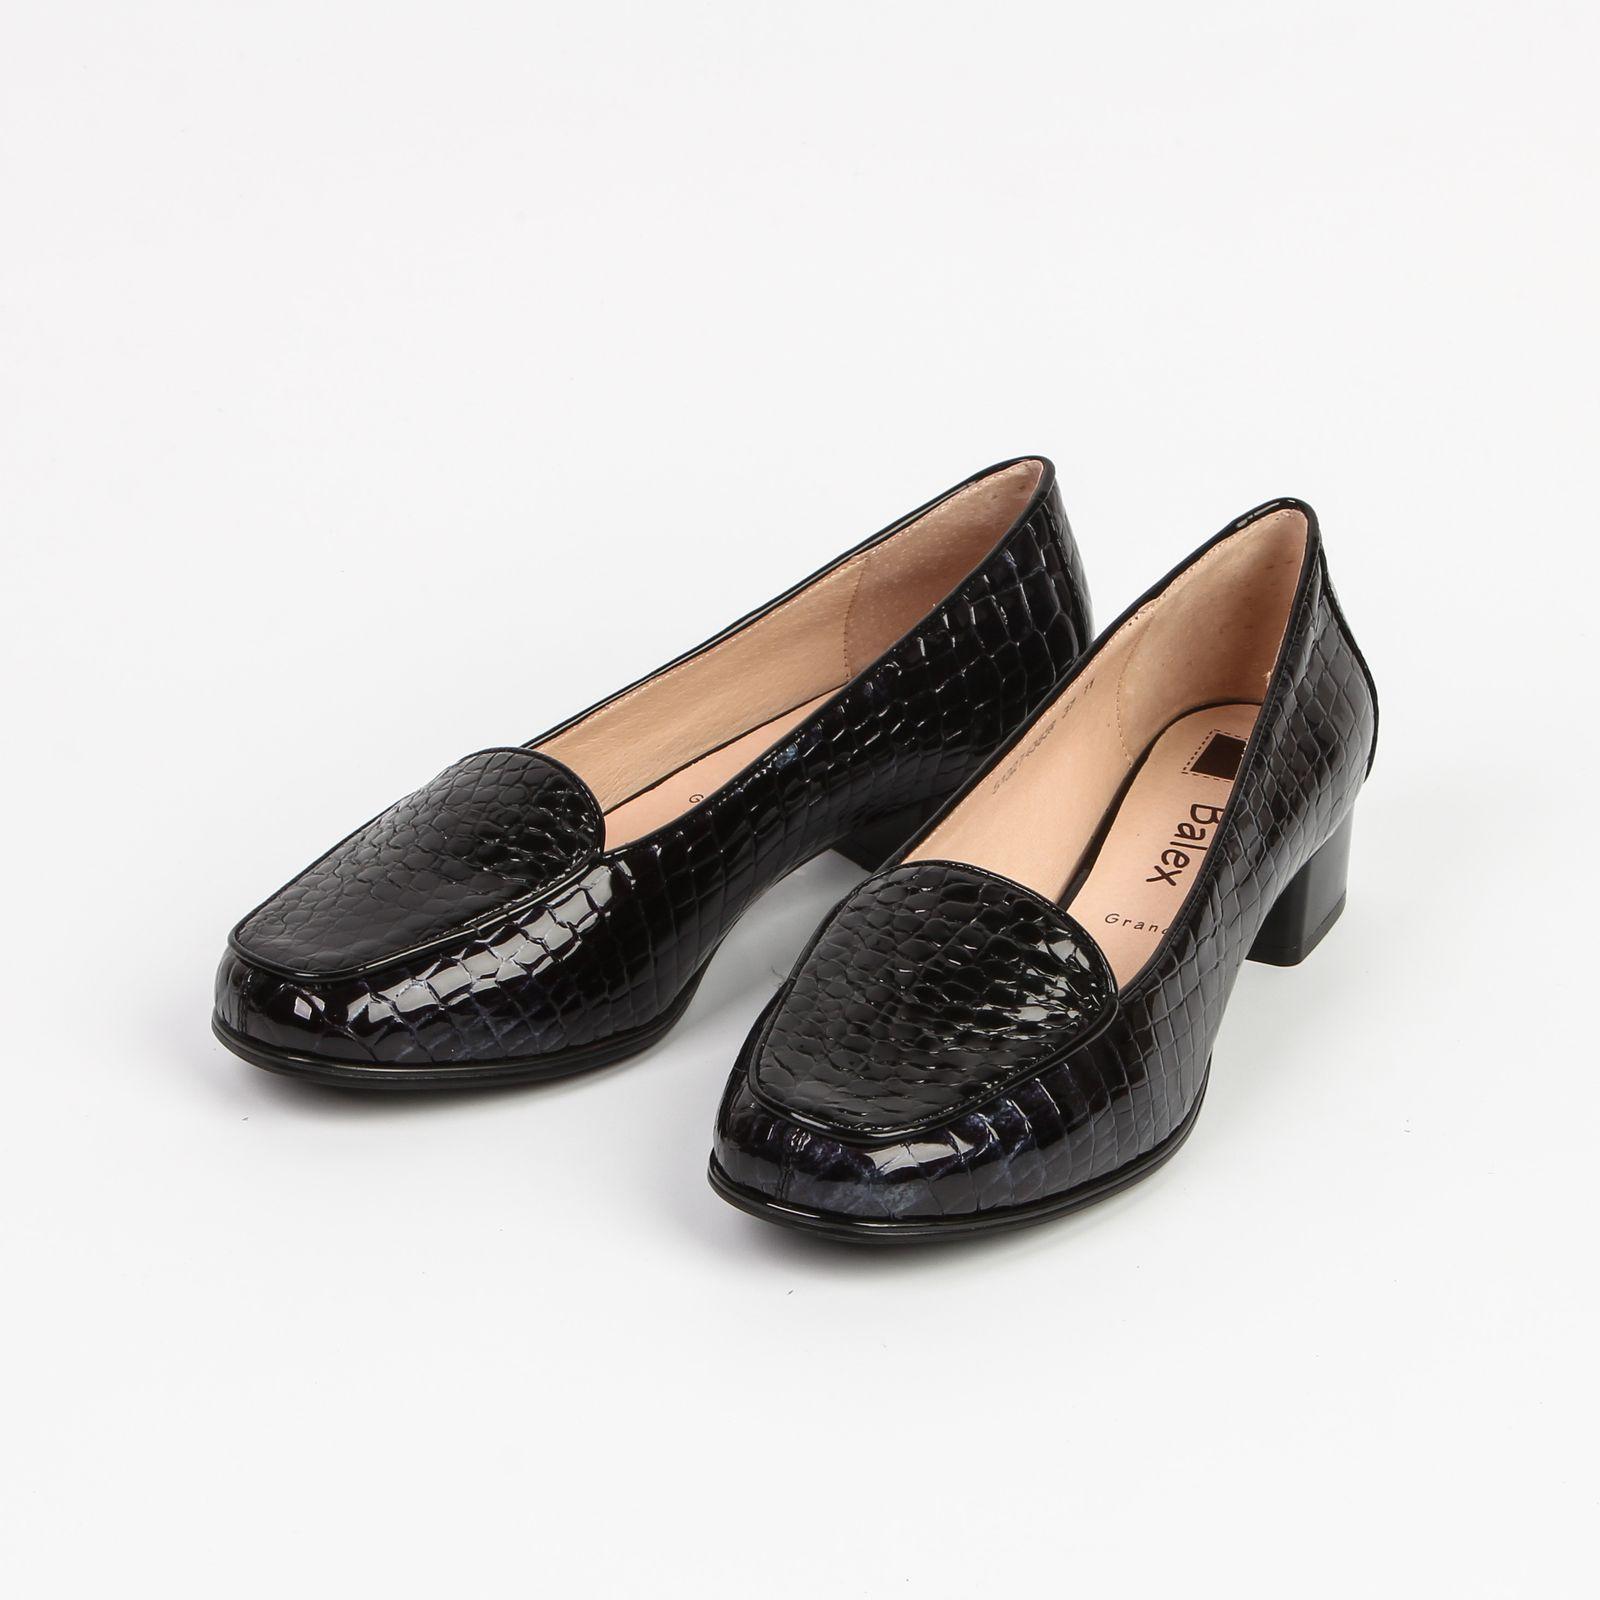 Туфли женские лакированные под рептилию